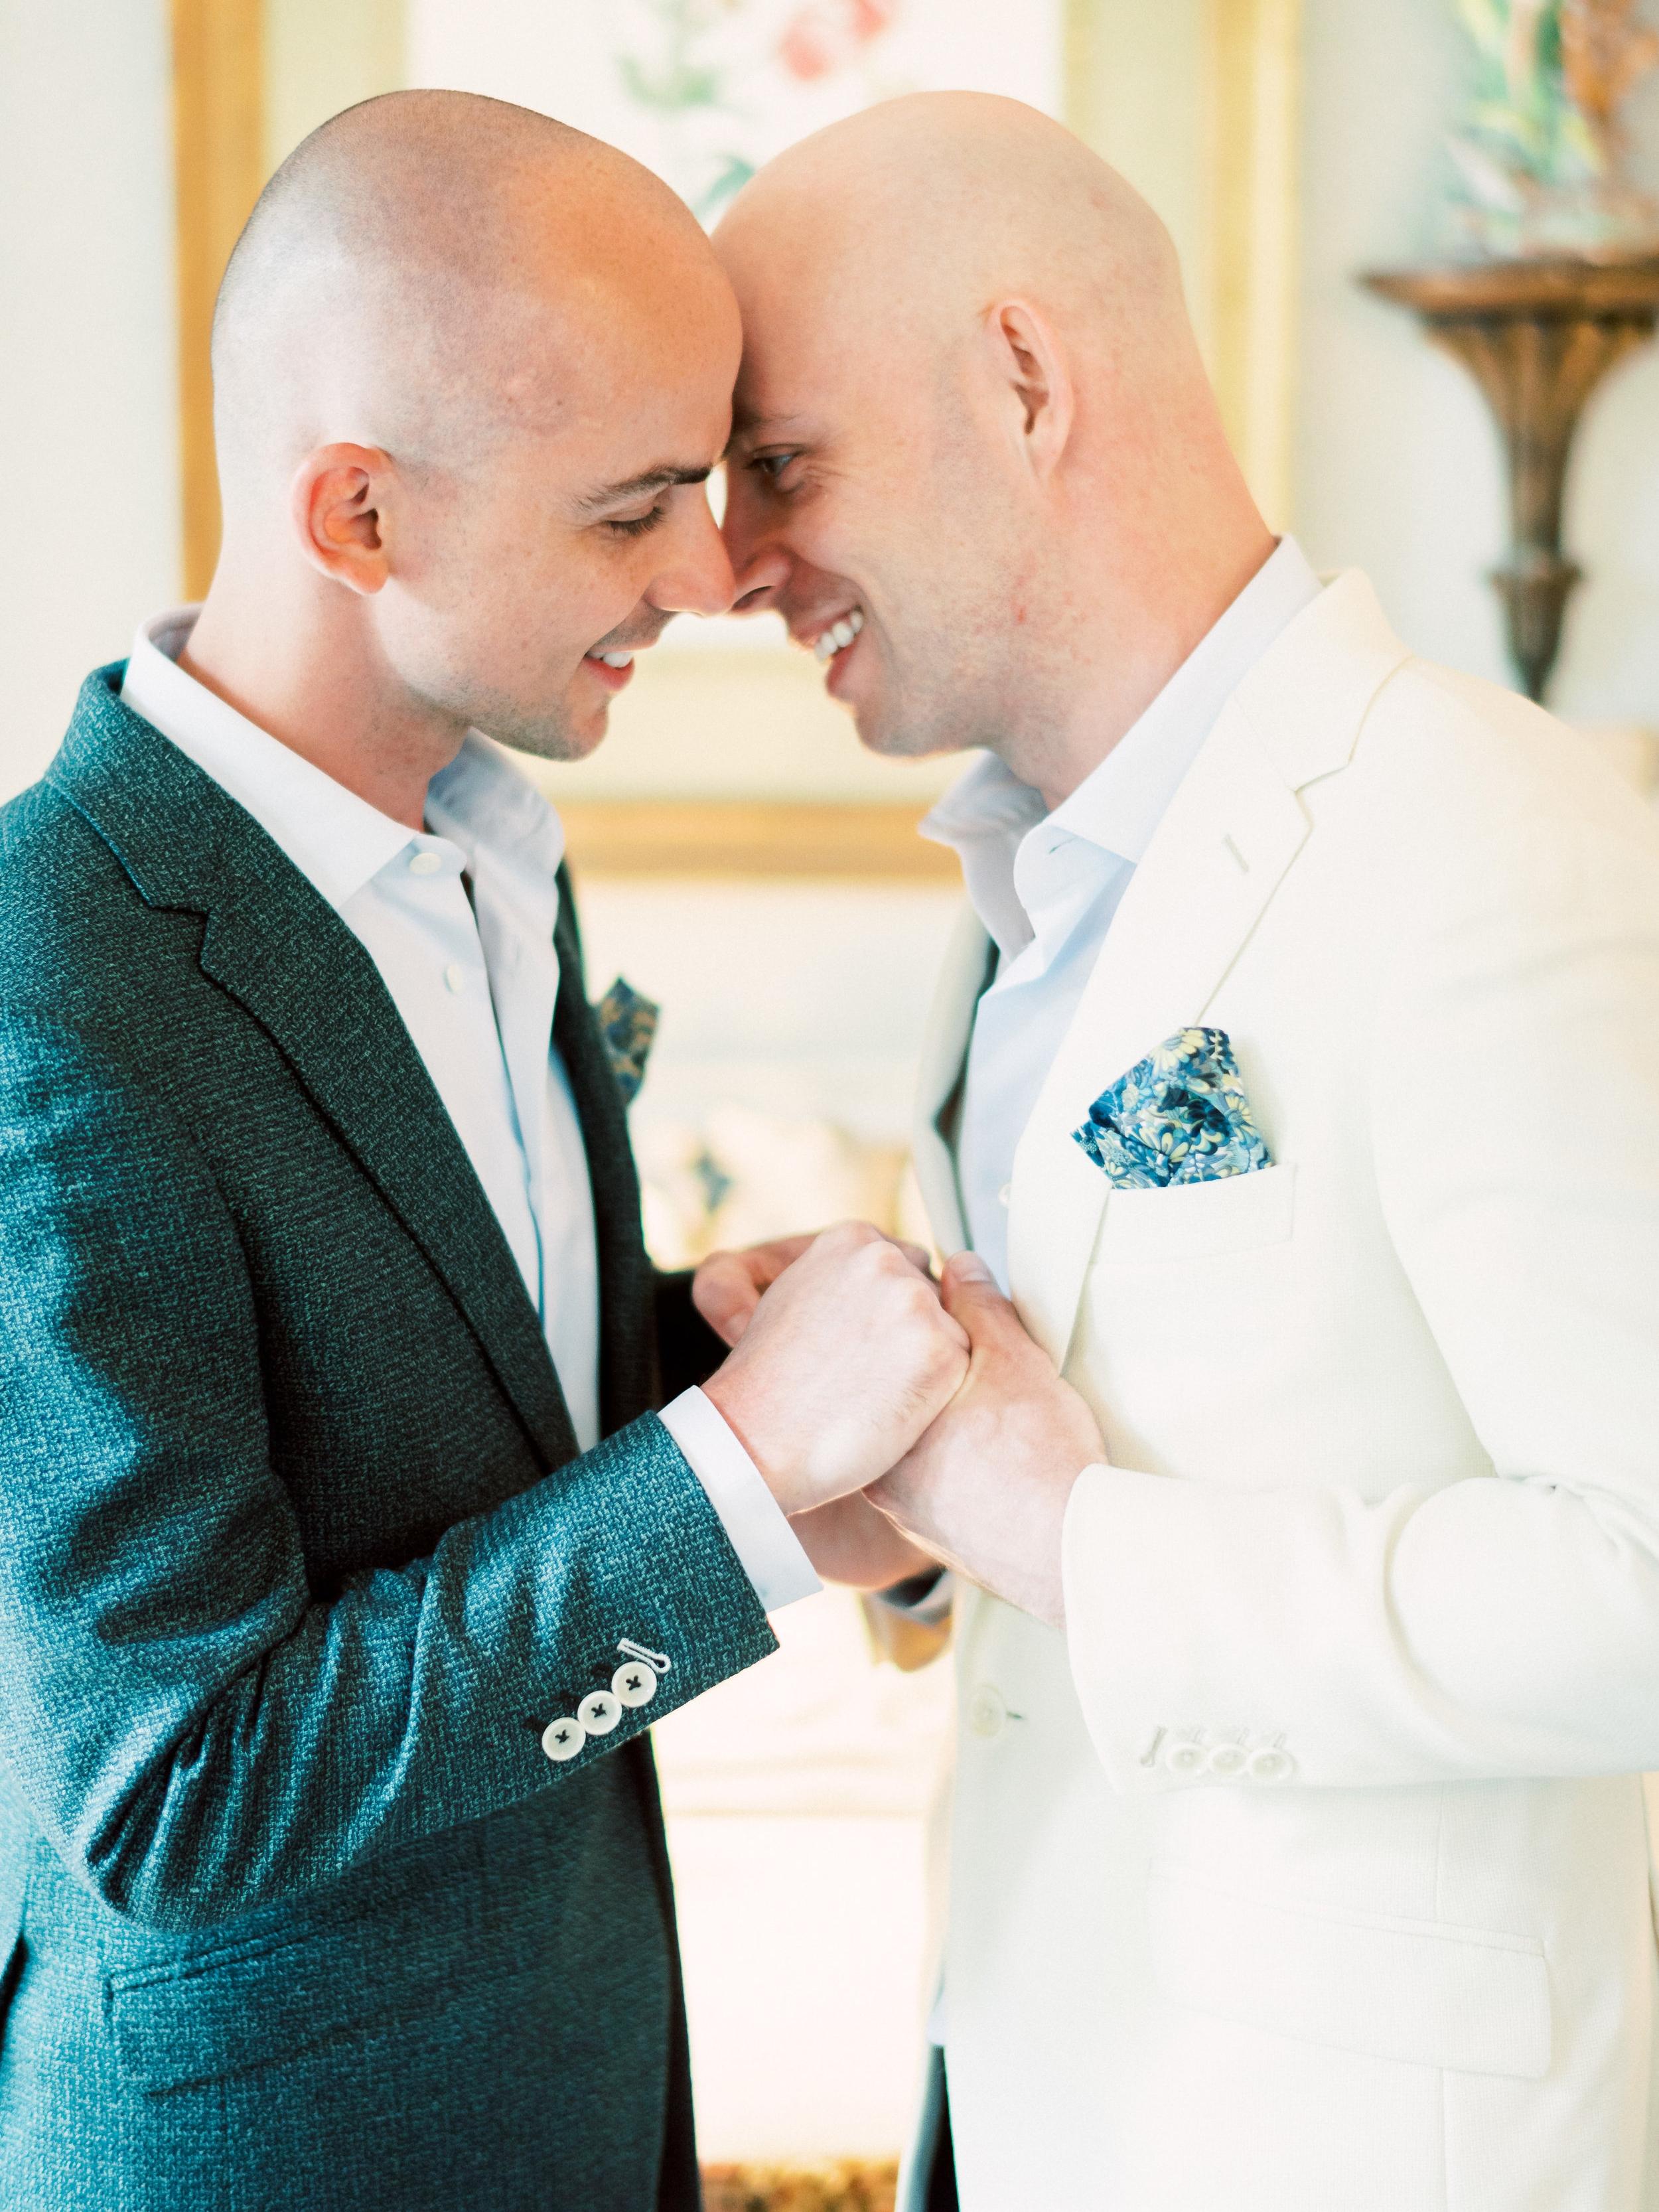 Diego & Maciej (Miami, FL)